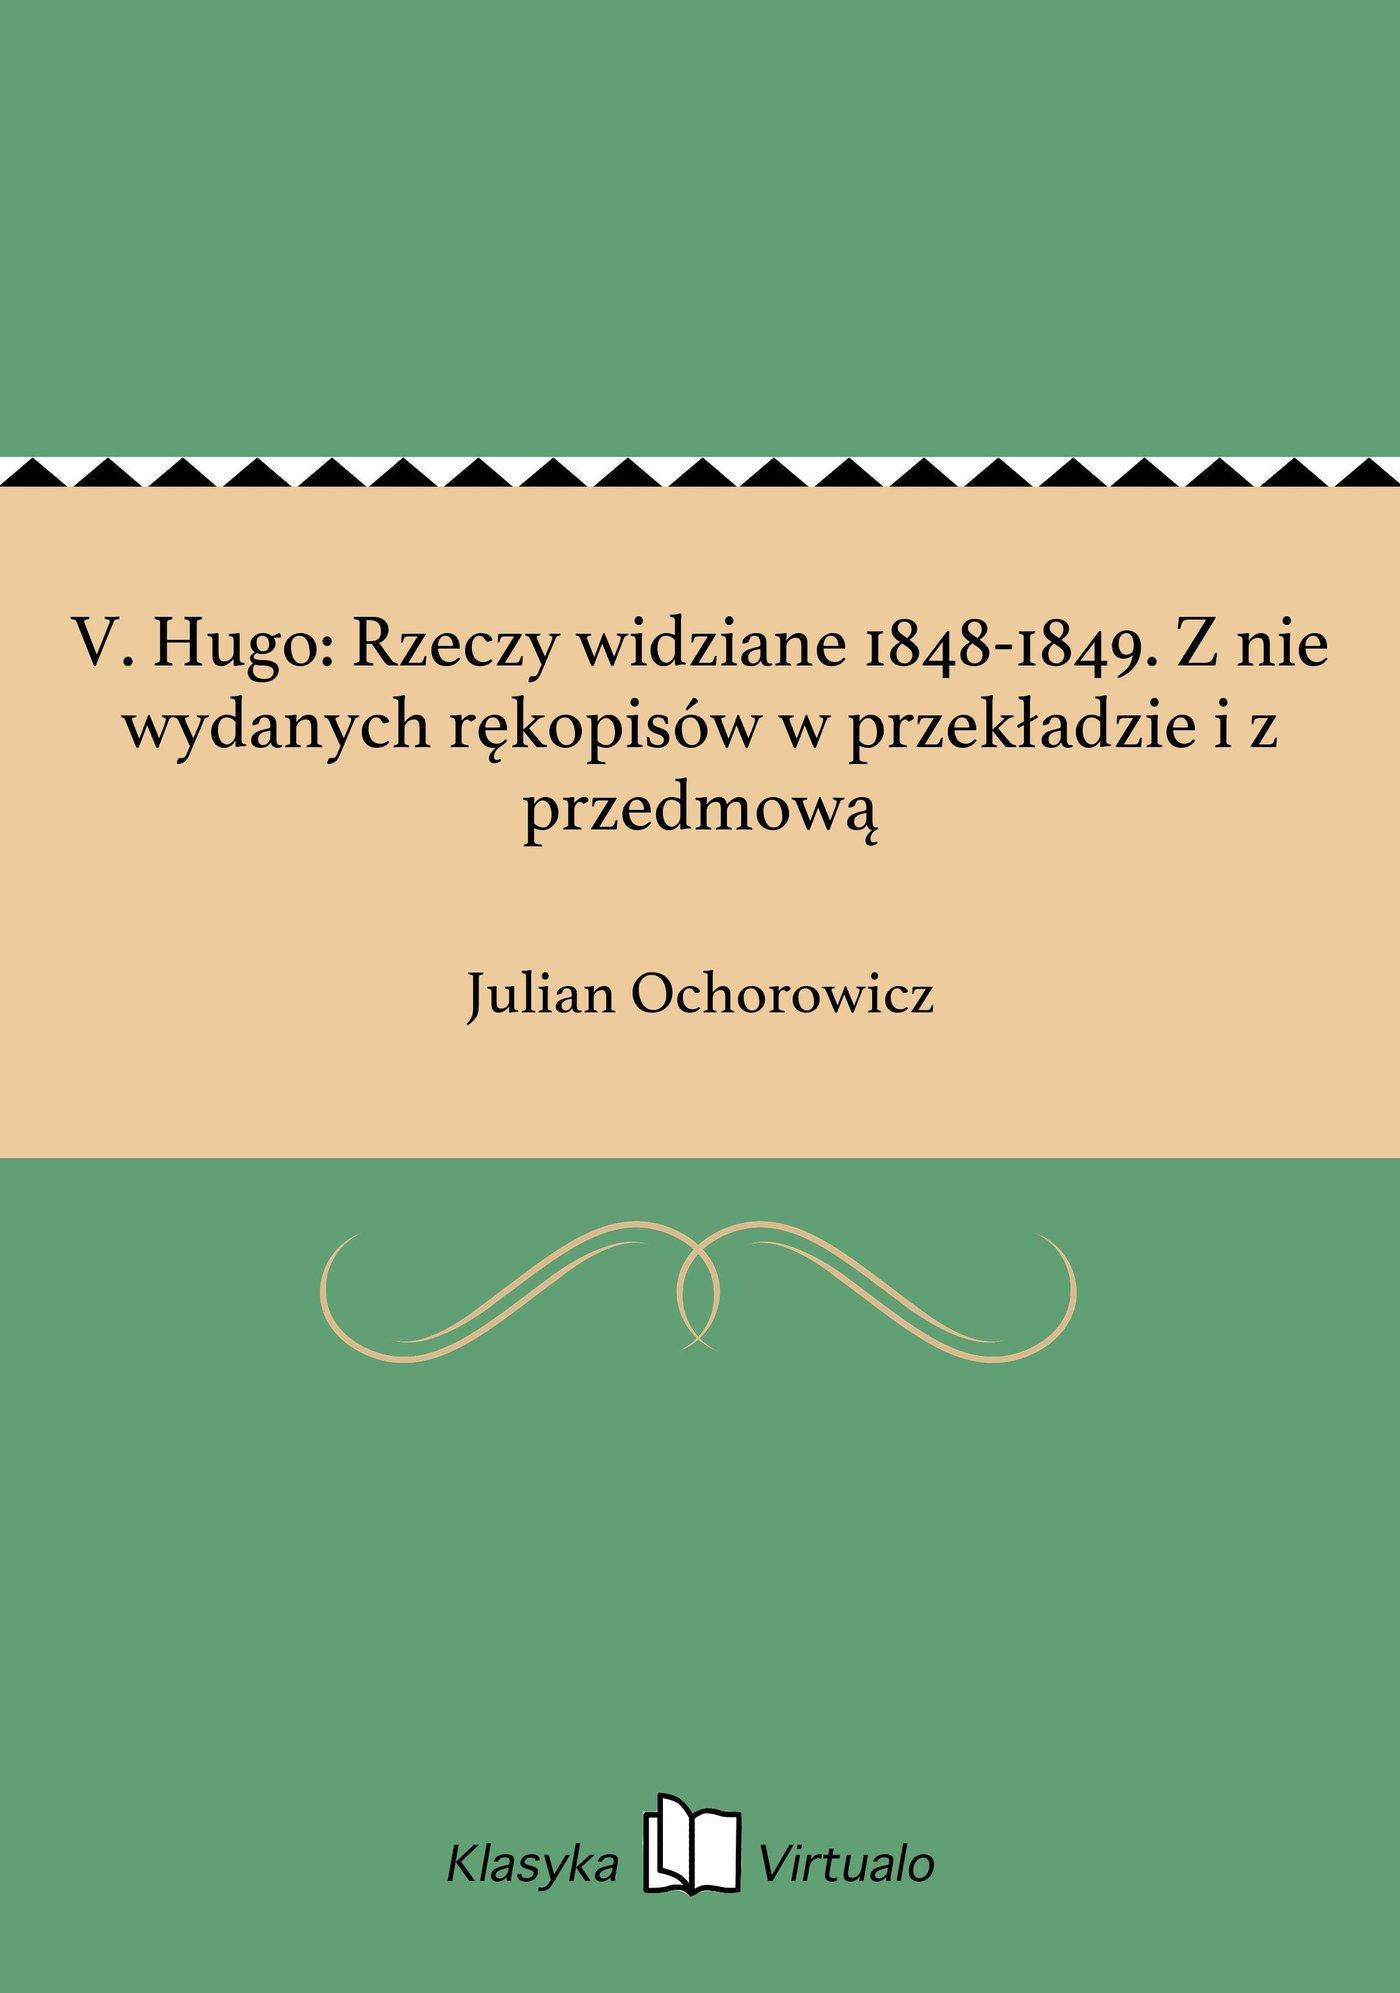 V. Hugo: Rzeczy widziane 1848-1849. Z nie wydanych rękopisów w przekładzie i z przedmową - Ebook (Książka EPUB) do pobrania w formacie EPUB